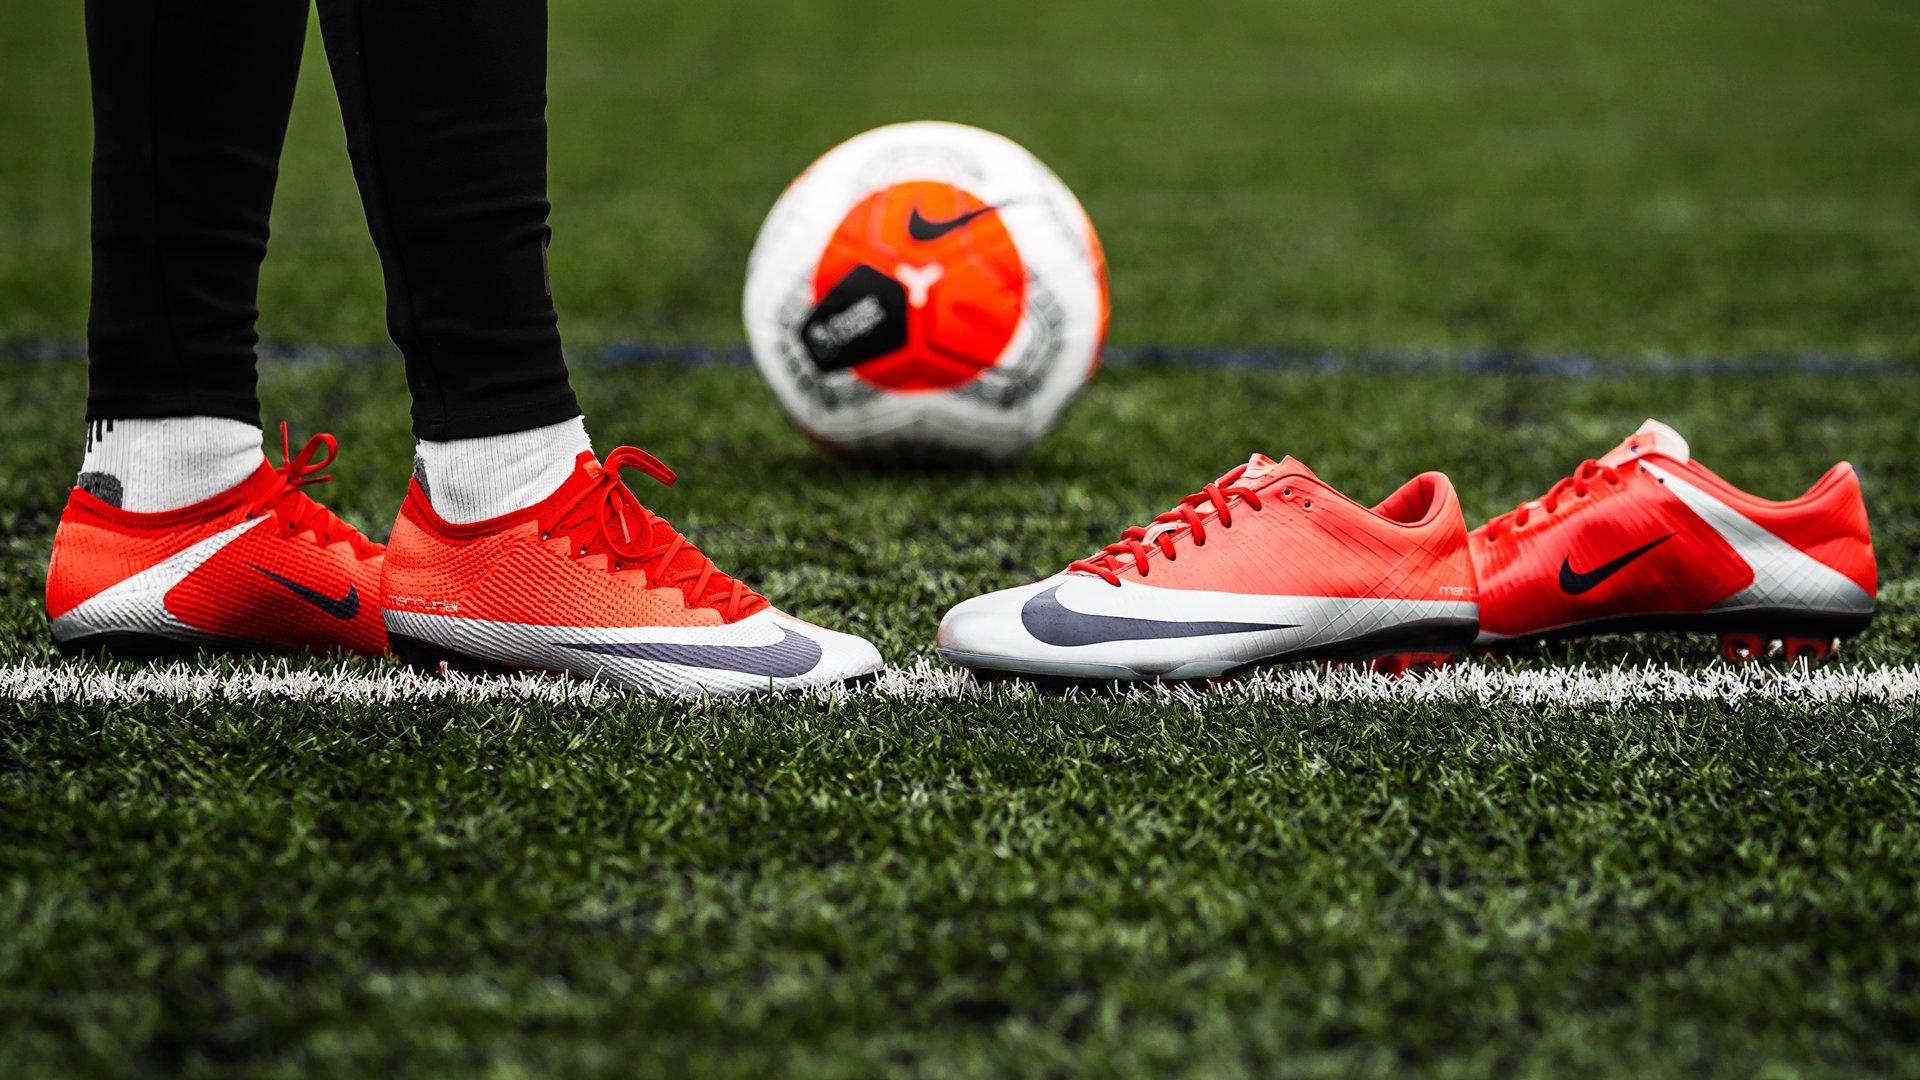 """Nike kỷ niệm sự kiện """"đôi giày bị rách"""" bằng một siêu phẩm mới làm bằng da vải sợi dệt"""